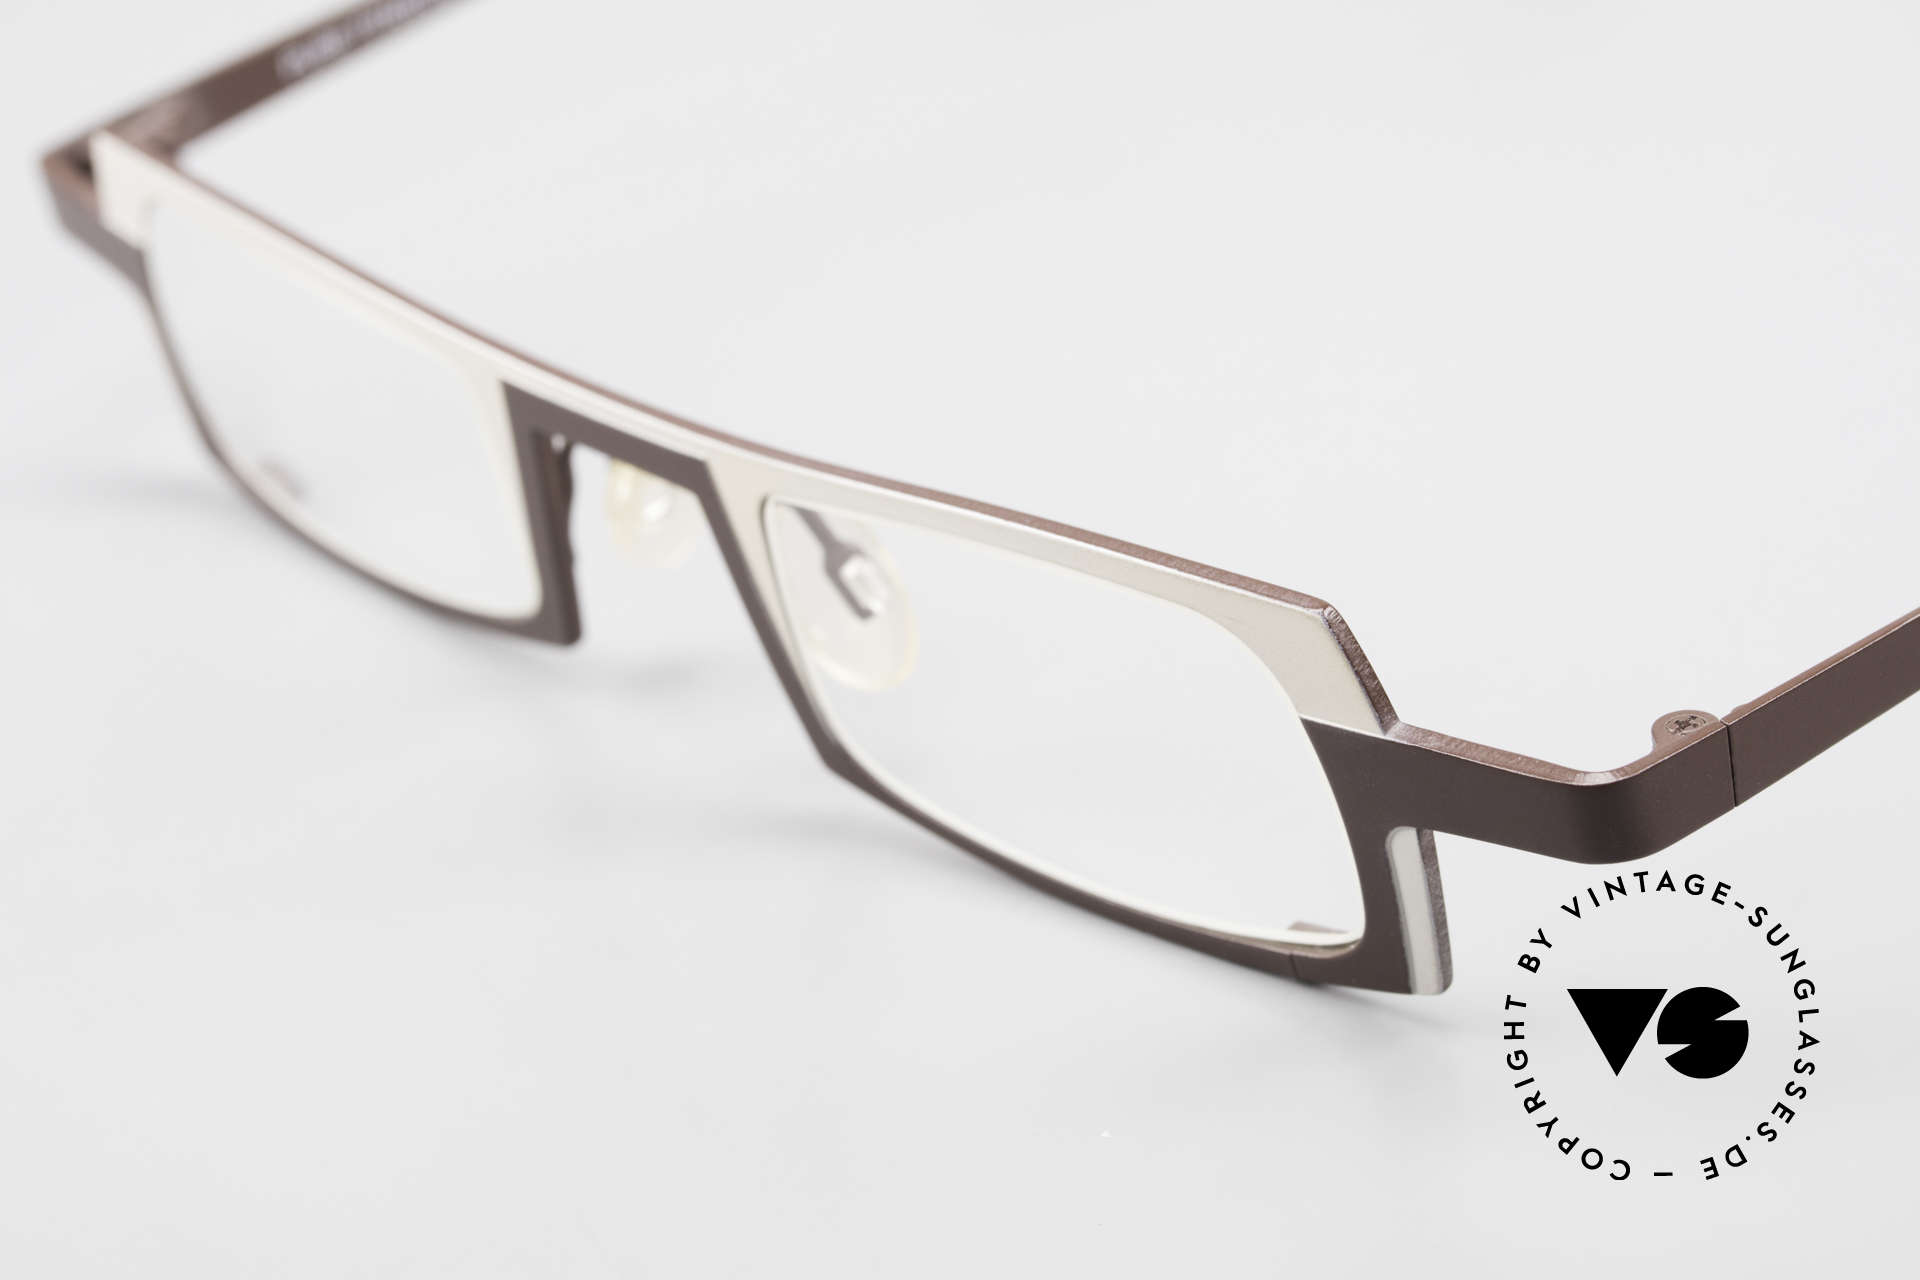 Theo Belgium Wimsey Eckige Herrenbrille Titanium, ungetragenes Theo-Exemplar für die, die sich trauen, Passend für Herren